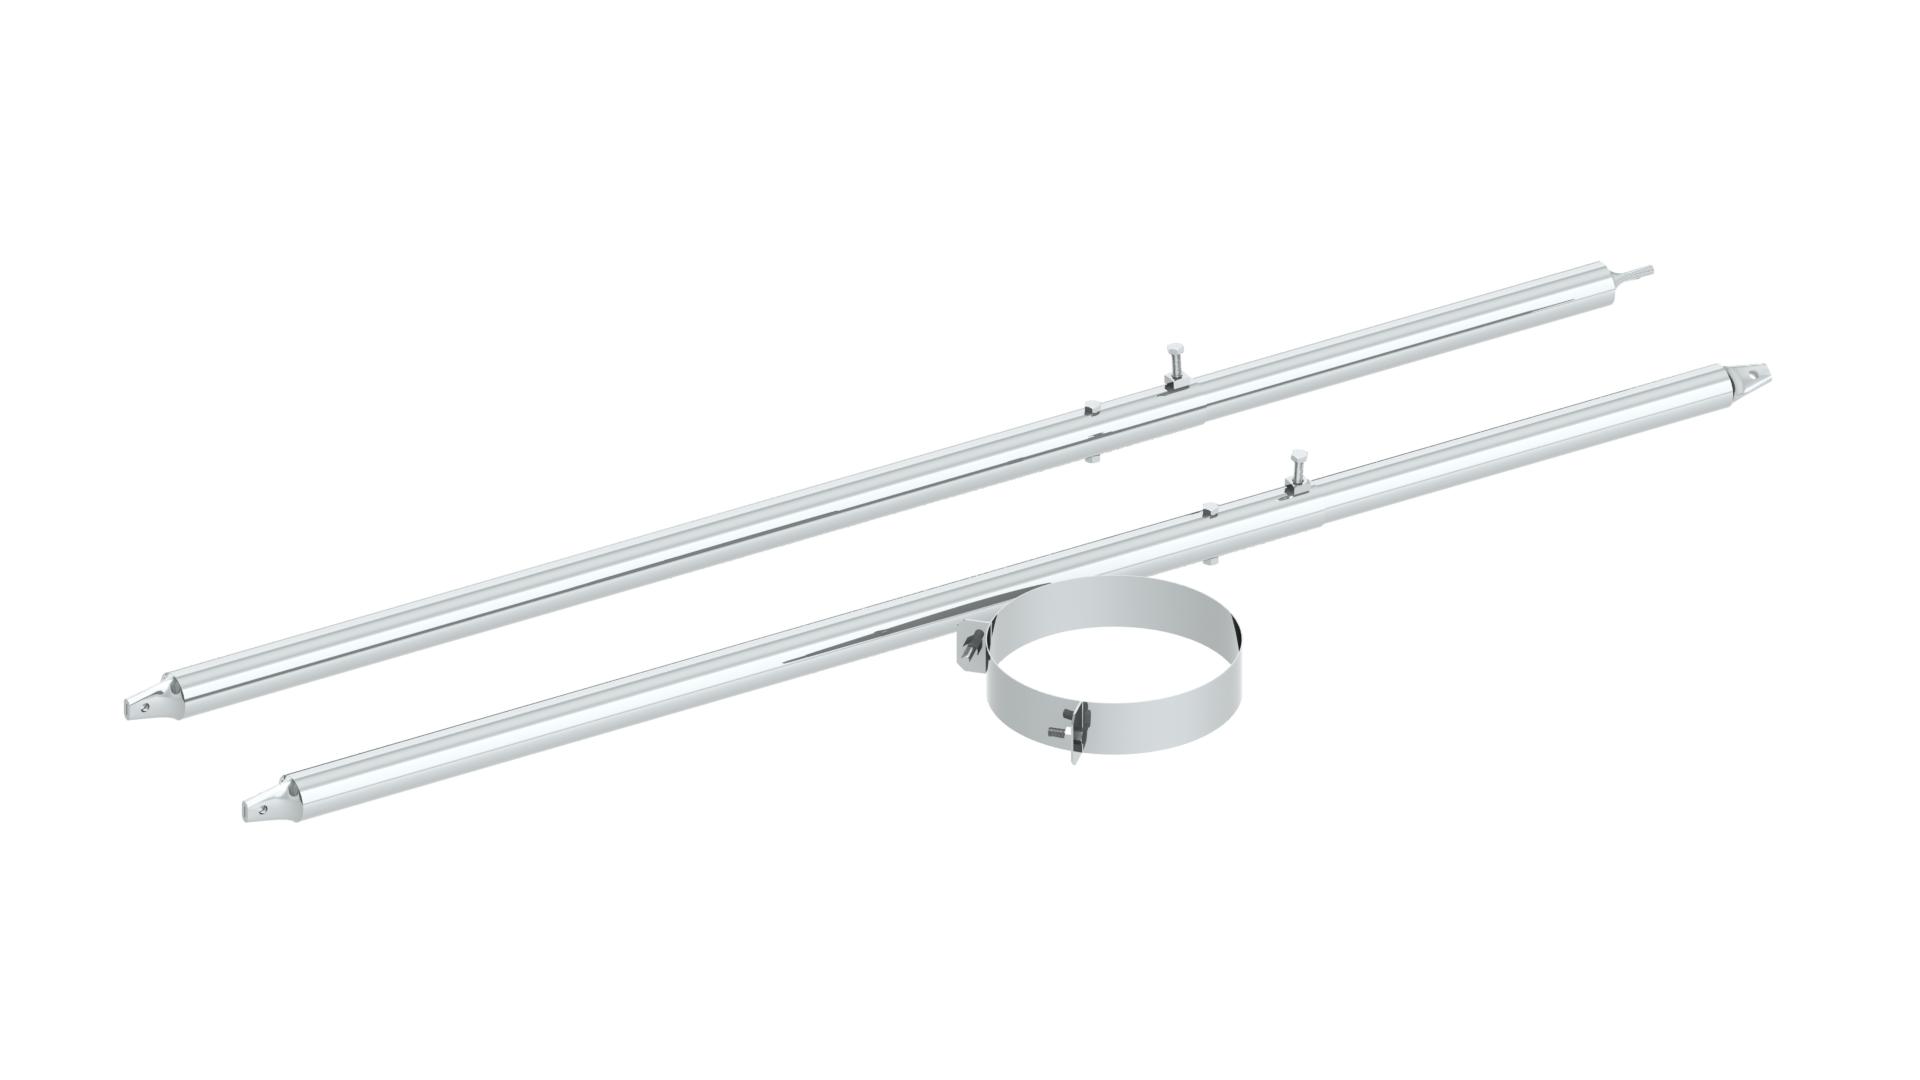 Edelstahlschornstein - 2-Punktabspannung mit Rundrohr verschiedene Längen verstärkte Ausführung - Jeremias DW-ECO